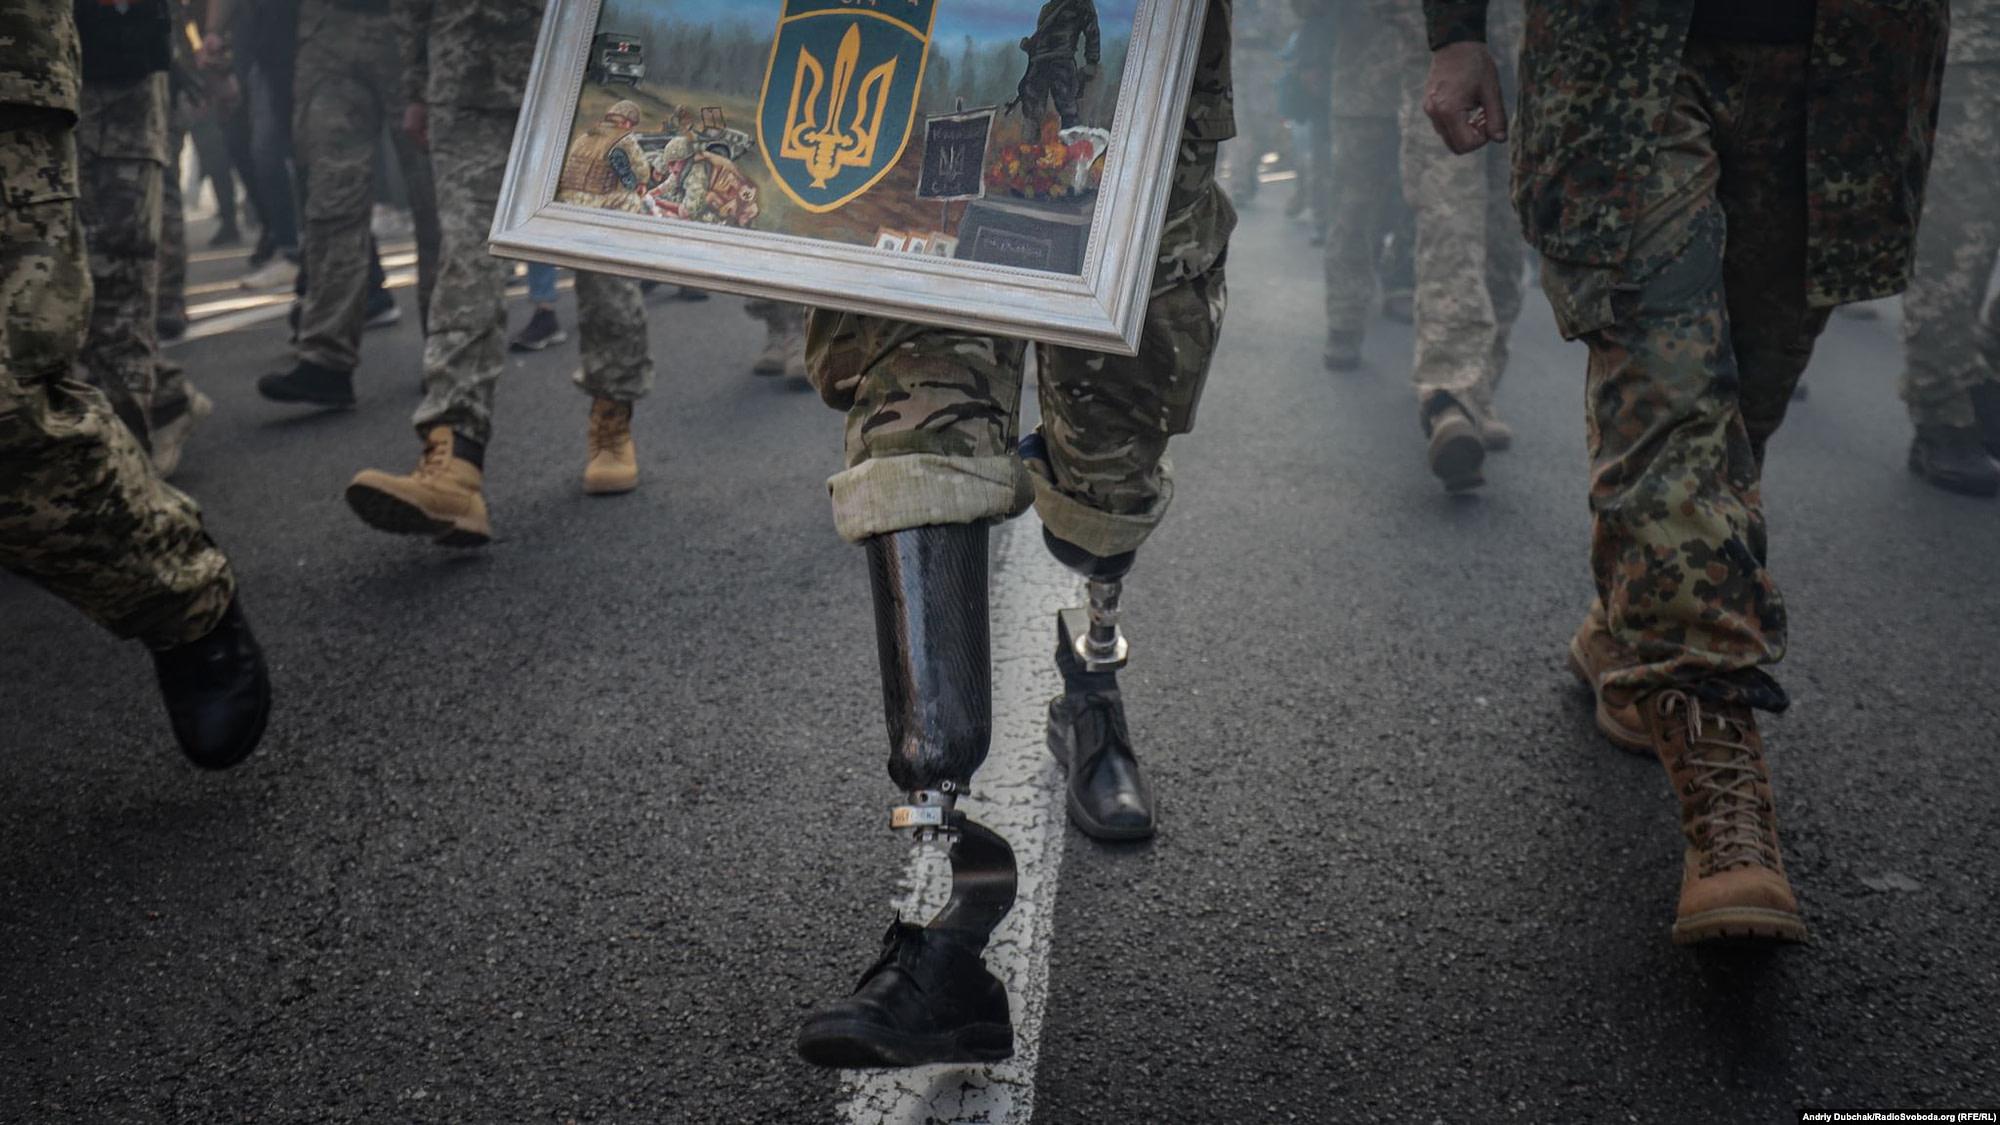 Коли клятви підписано кров'ю. Фотовиставка. Андрій Дубчак